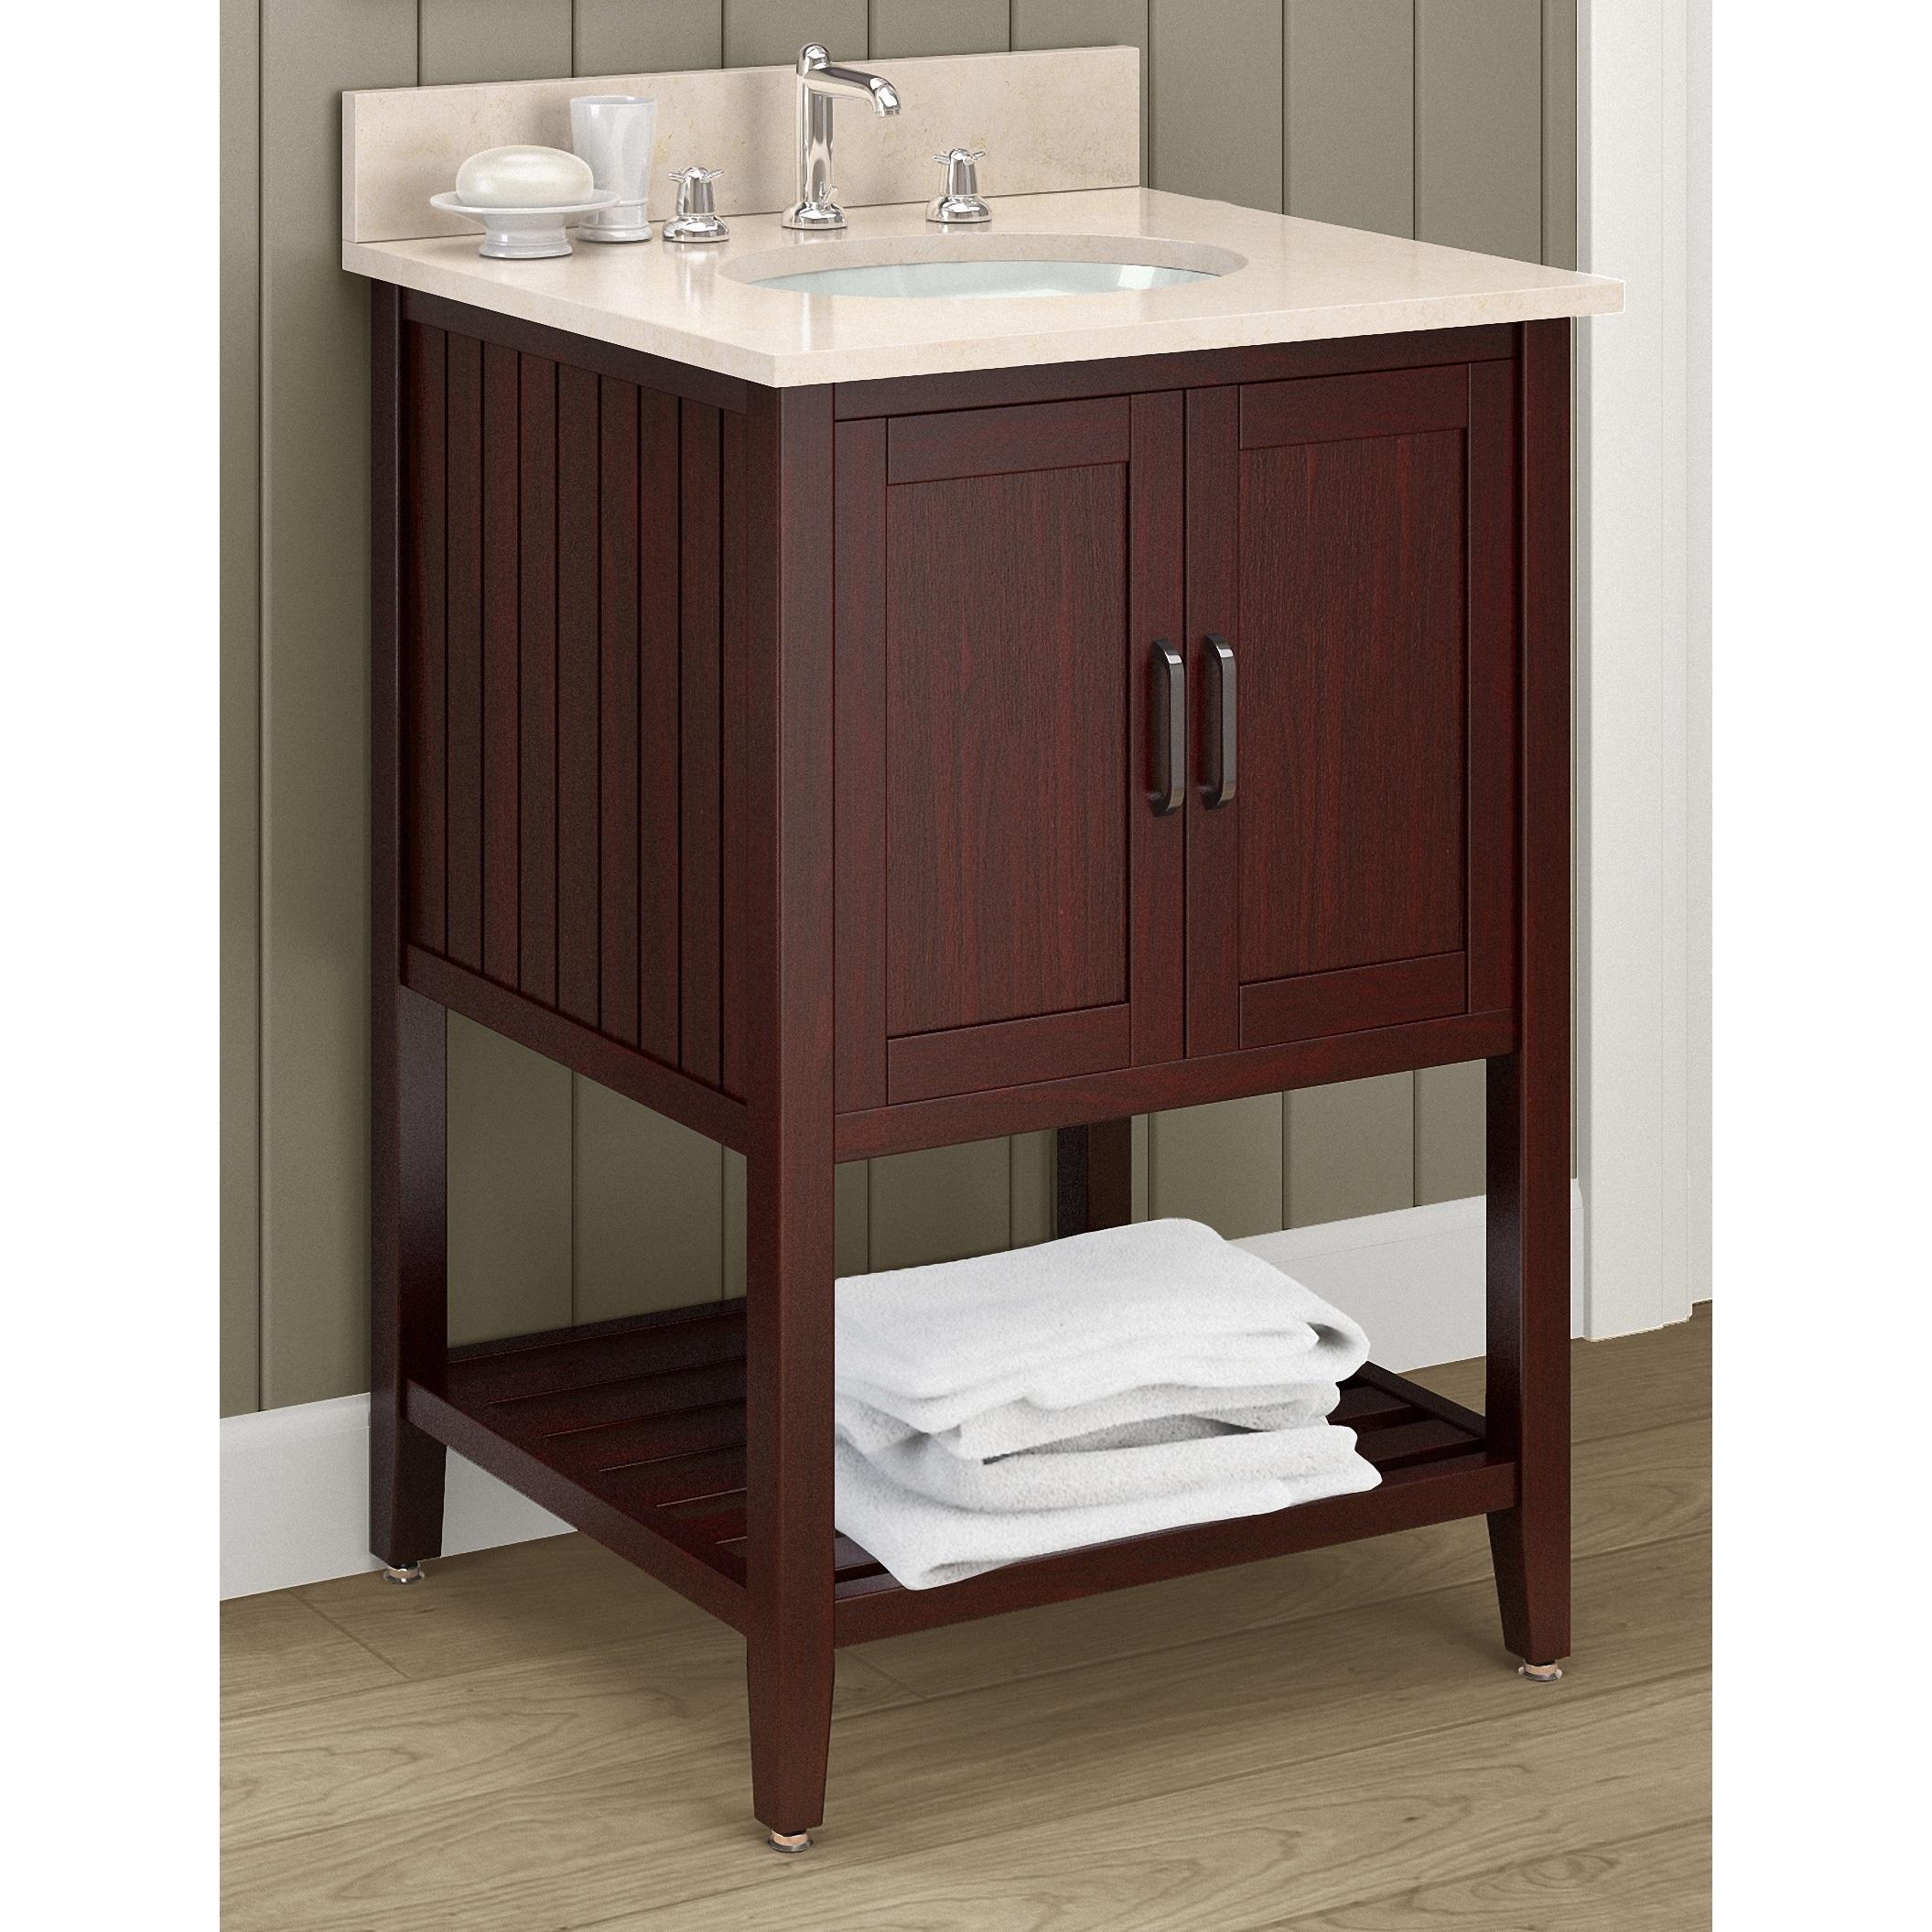 Alaterre Bennett 25 Inch Wide Marble Sink Top With 24 Inch Espresso Wood Bathroom Vanity Set Overstock 13134027